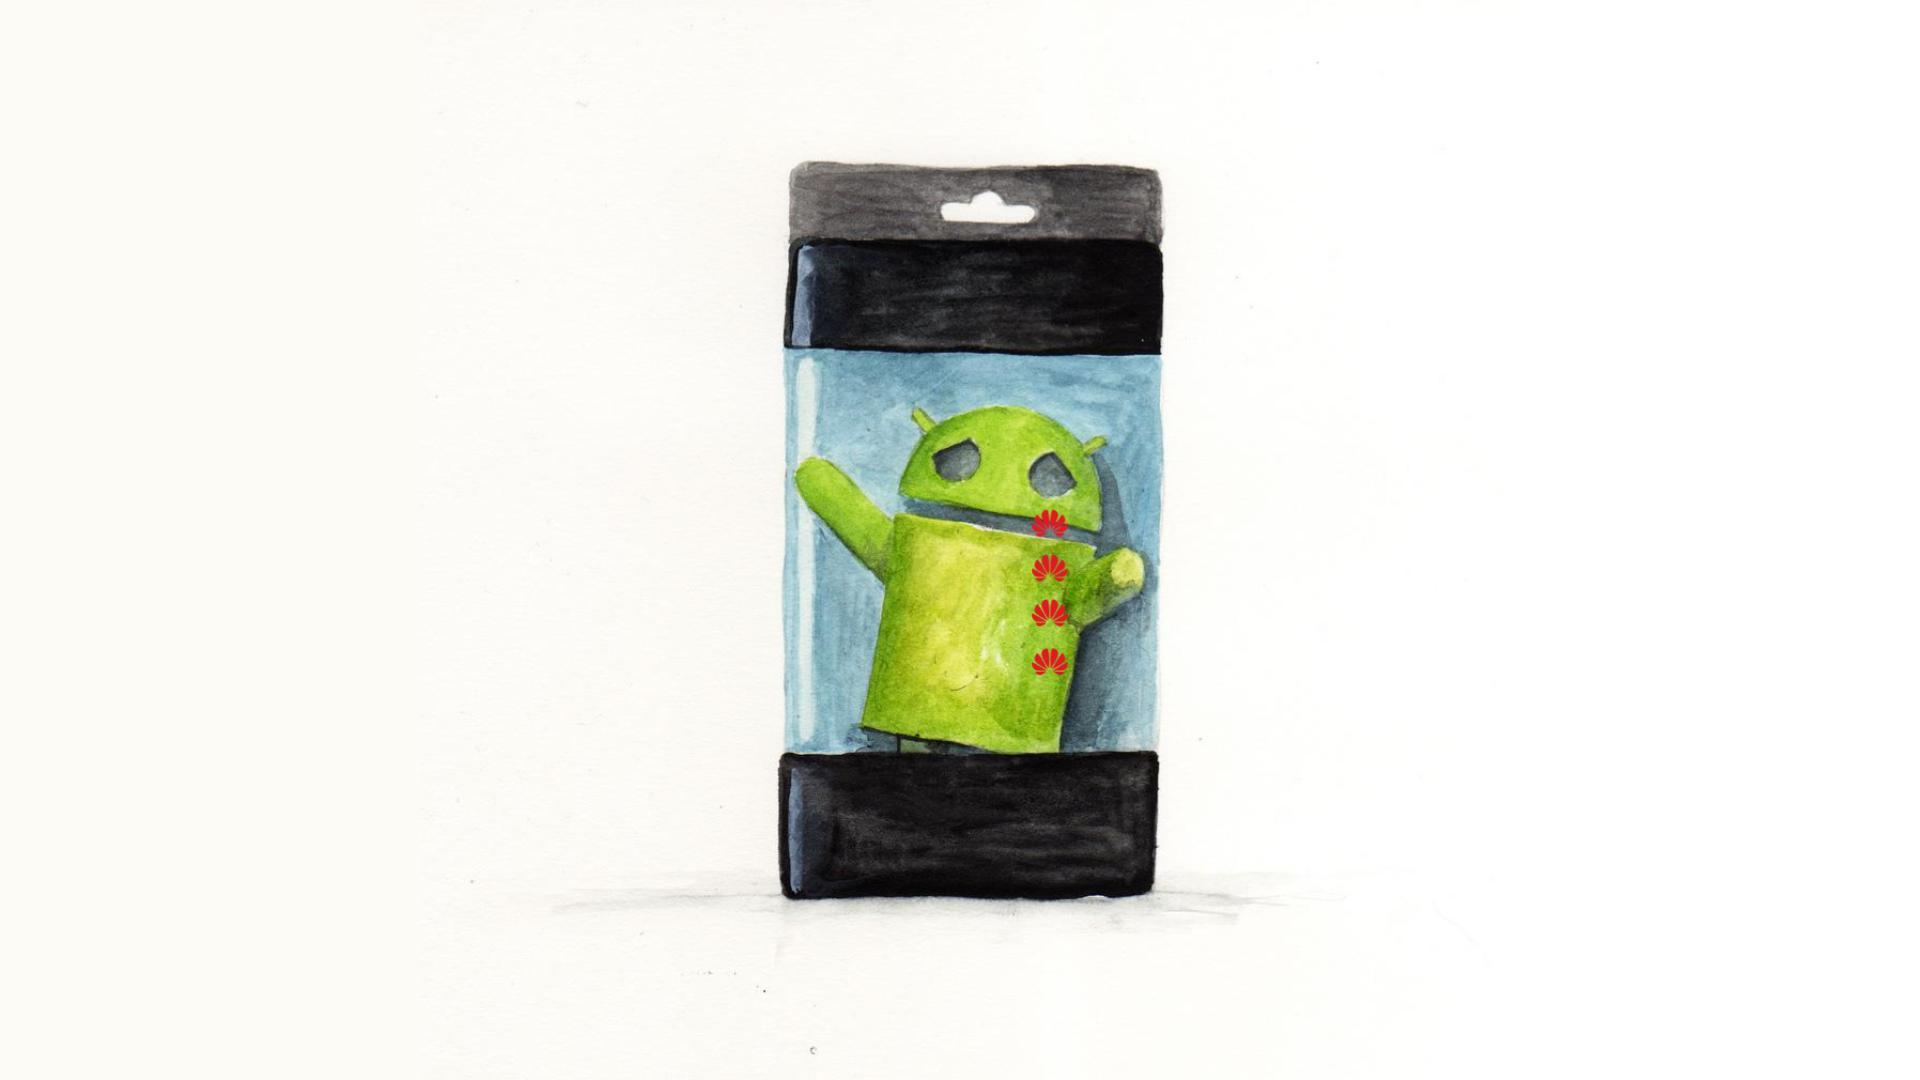 C'est confirmé, Huawei et Honor perdent leur licence Android